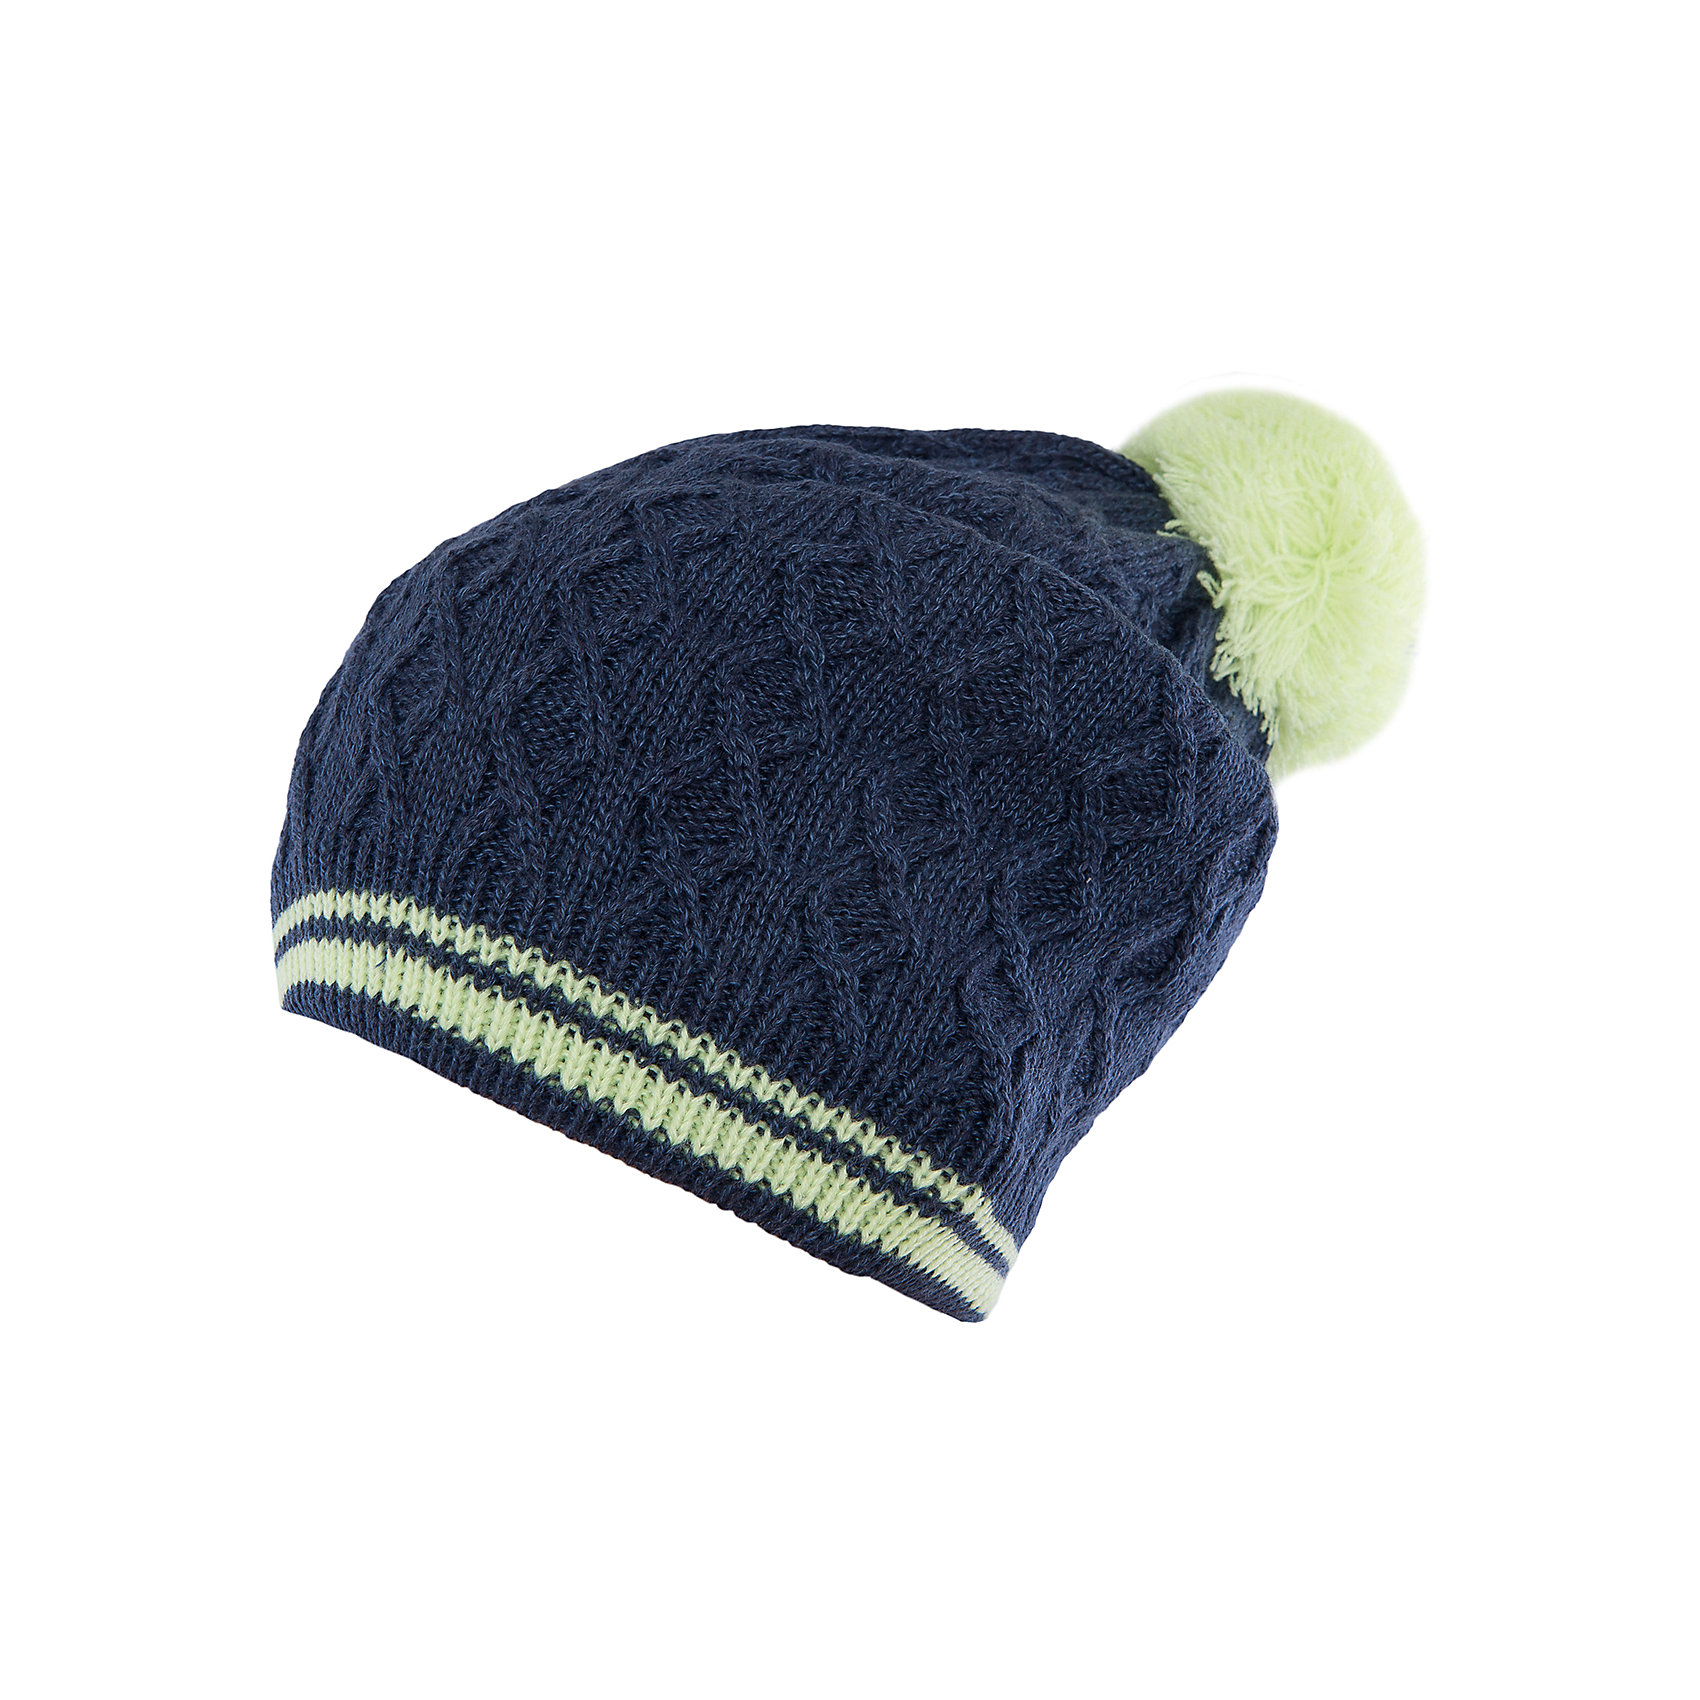 Шапка для девочки ScoolГоловные уборы<br>Характеристики:<br><br>• Вид одежды: шапка<br>• Пол: для девочки<br>• Сезон: демисезонная (до -5 градусов)<br>• Материал: акрил – 100% <br>• Цвет: темно-синий<br>• Особенности ухода: ручная стирка без применения отбеливающих средств<br><br>Scool – это линейка детской одежды и обуви, которая предназначена как для повседневности, так и для праздников. Большинство моделей выполнены в классическом стиле, сочетающем в себе традиции с яркими стильными элементами и аксессуарами. Весь ассортимент одежды и обуви Scool сочетается между собой по стилю и цветовому решению, поэтому Вам будет легко сформировать гардероб вашего ребенка, который отражает его индивидуальность. <br>Шапка для девочки Scool выполнена из двухслойного трикотажа, который вывязан акрилом. Изделие имеет фактурную вязку, выполнено в темно-синем цвете, имеются яркие элементы: помпон лимонного цвета и двойная полоска на резинке. Шапка легка в уходе, благодаря акриловым ниткам она хорошо держит форму, не скатывается и не изменяет цвет. Шапка для девочки Scool, – это идеальный вариант для прохладной осенне-весенней погоды!<br><br>Шапку для девочки Scool, можно купить в нашем интернет-магазине.<br><br>Ширина мм: 89<br>Глубина мм: 117<br>Высота мм: 44<br>Вес г: 155<br>Цвет: разноцветный<br>Возраст от месяцев: 72<br>Возраст до месяцев: 84<br>Пол: Женский<br>Возраст: Детский<br>Размер: 54,56<br>SKU: 4912111